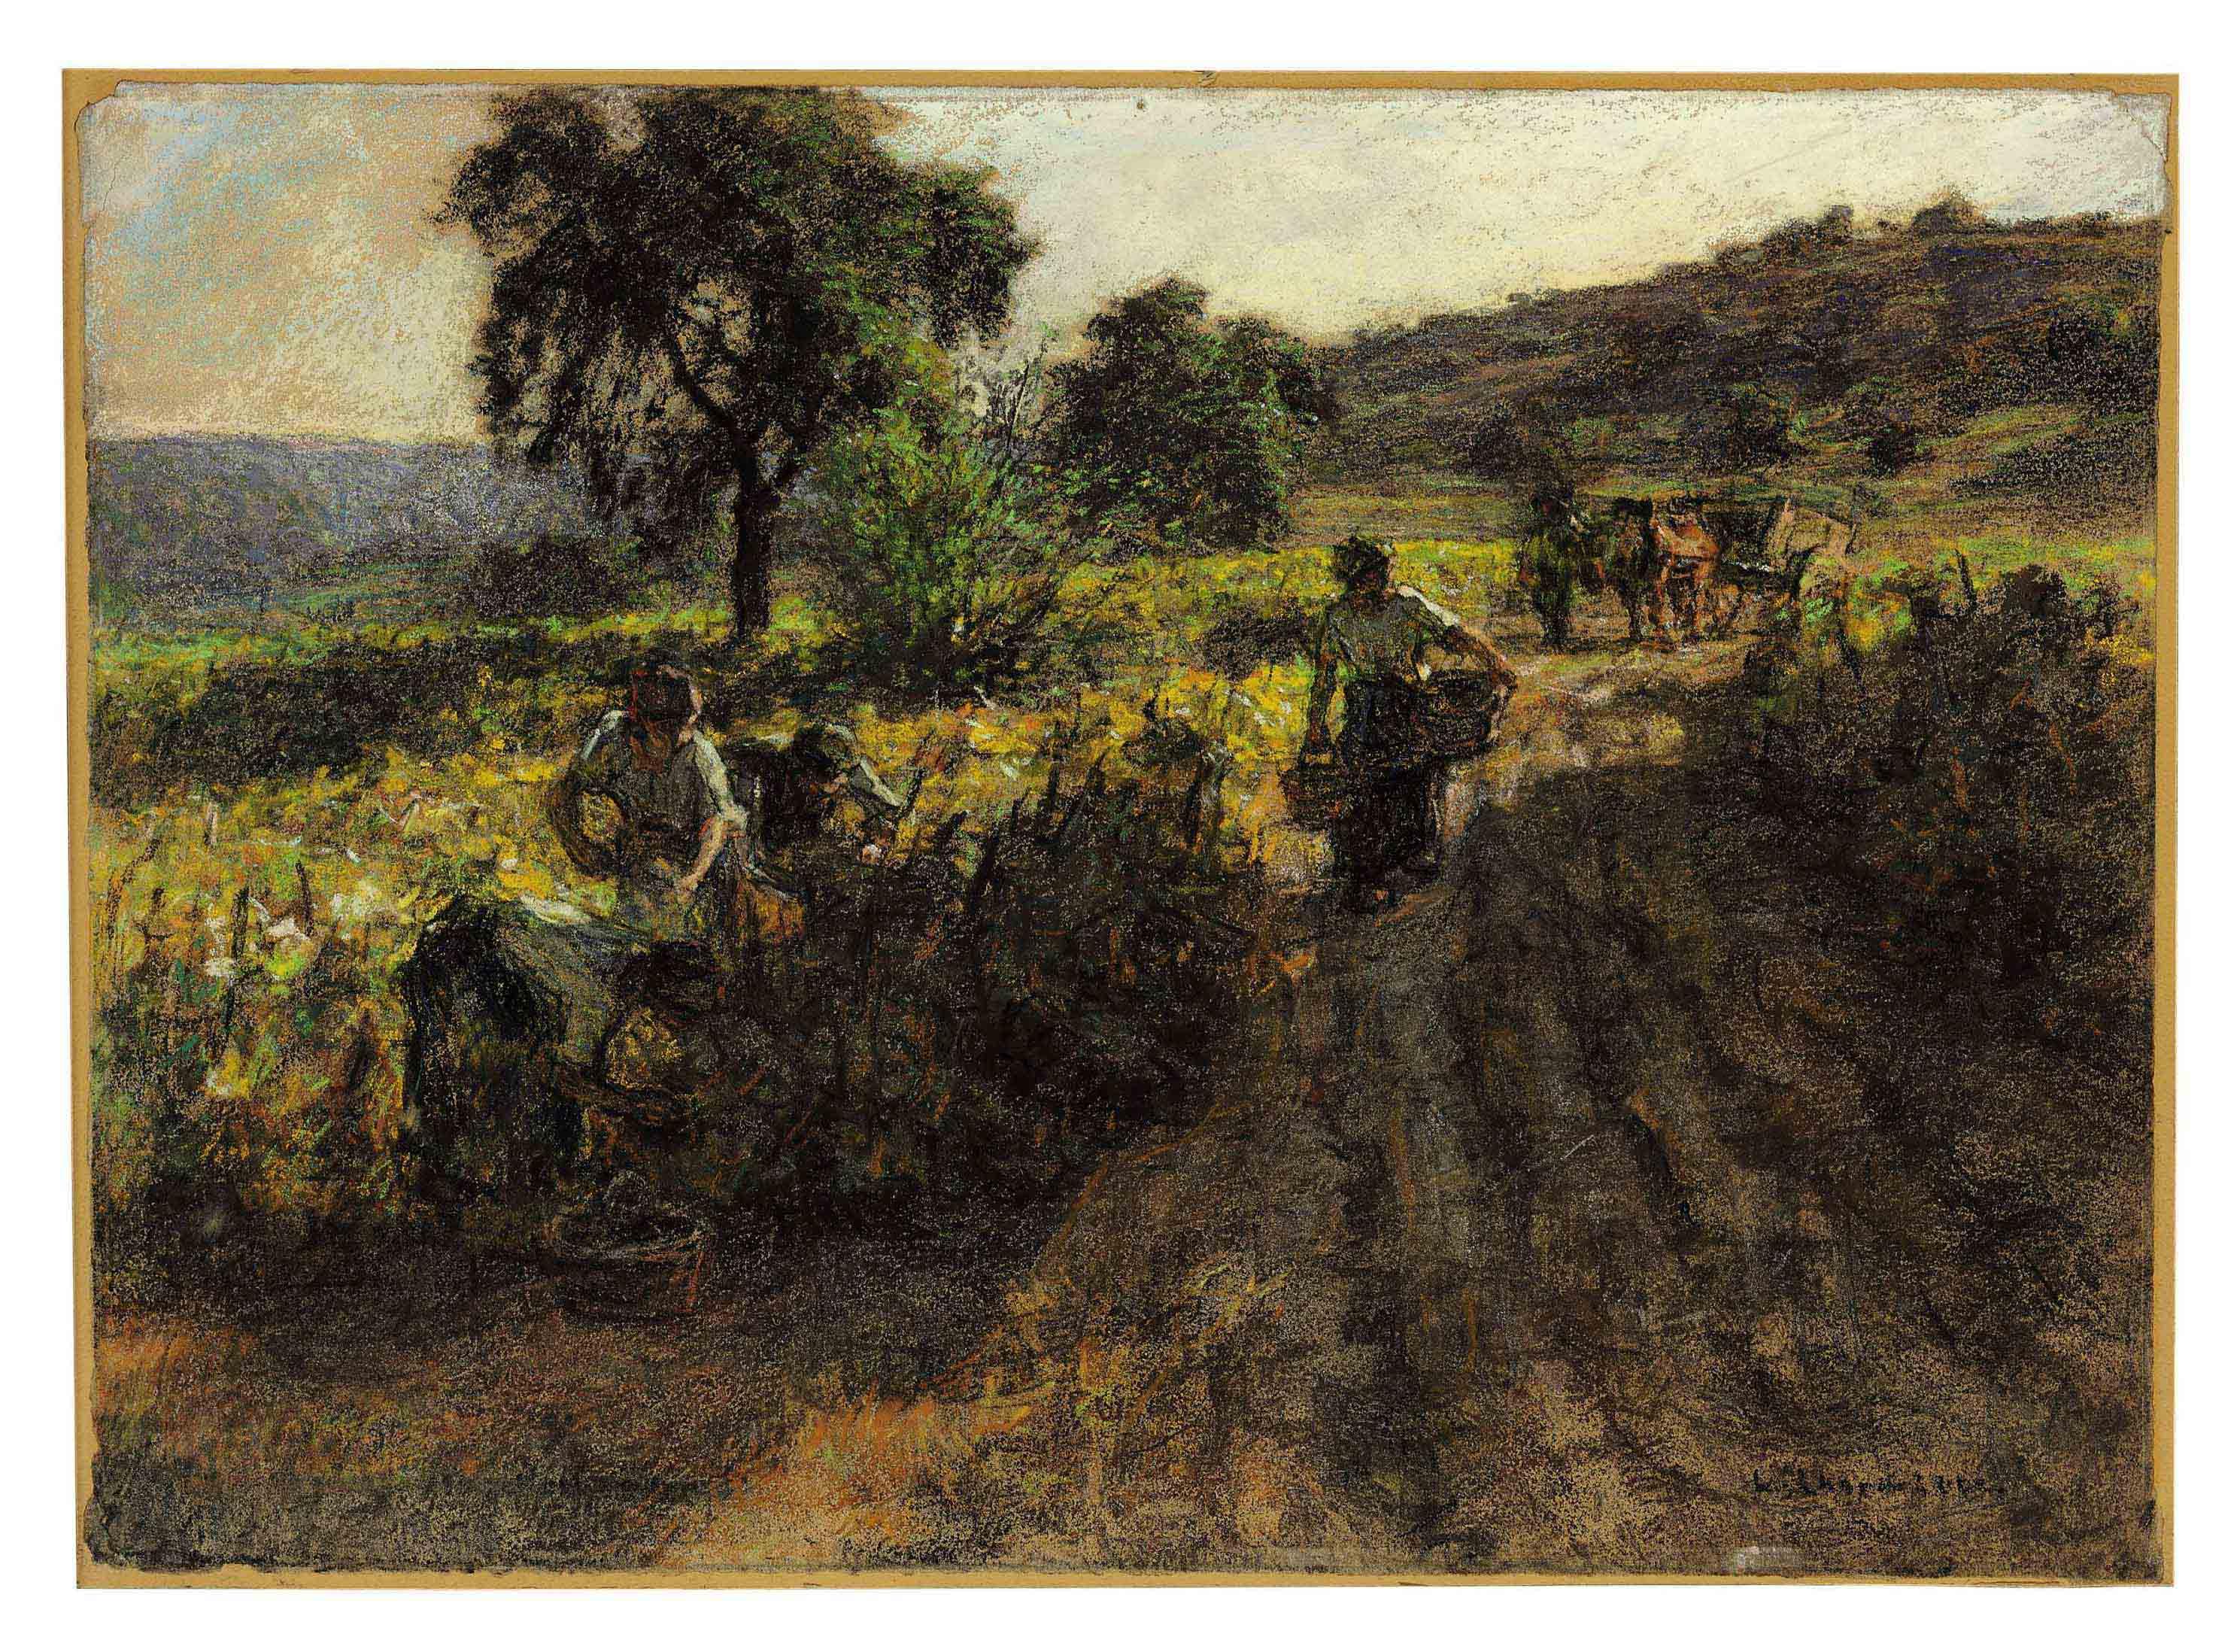 Les vignes au soleil